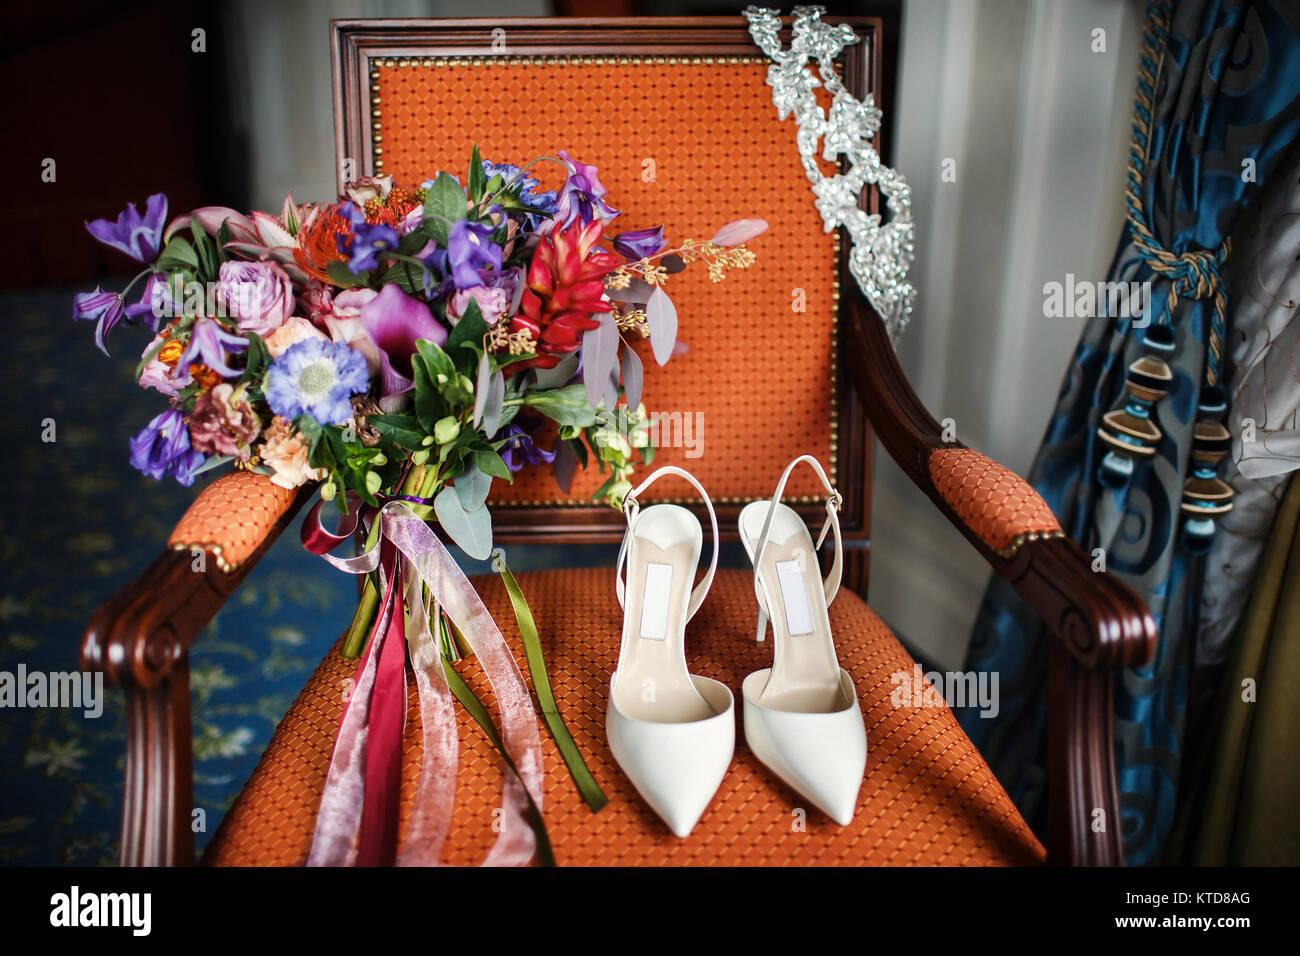 Fruhstuck Am Morgen Wedding Bouquet Und Hubsche Frauen Schuhe Auf